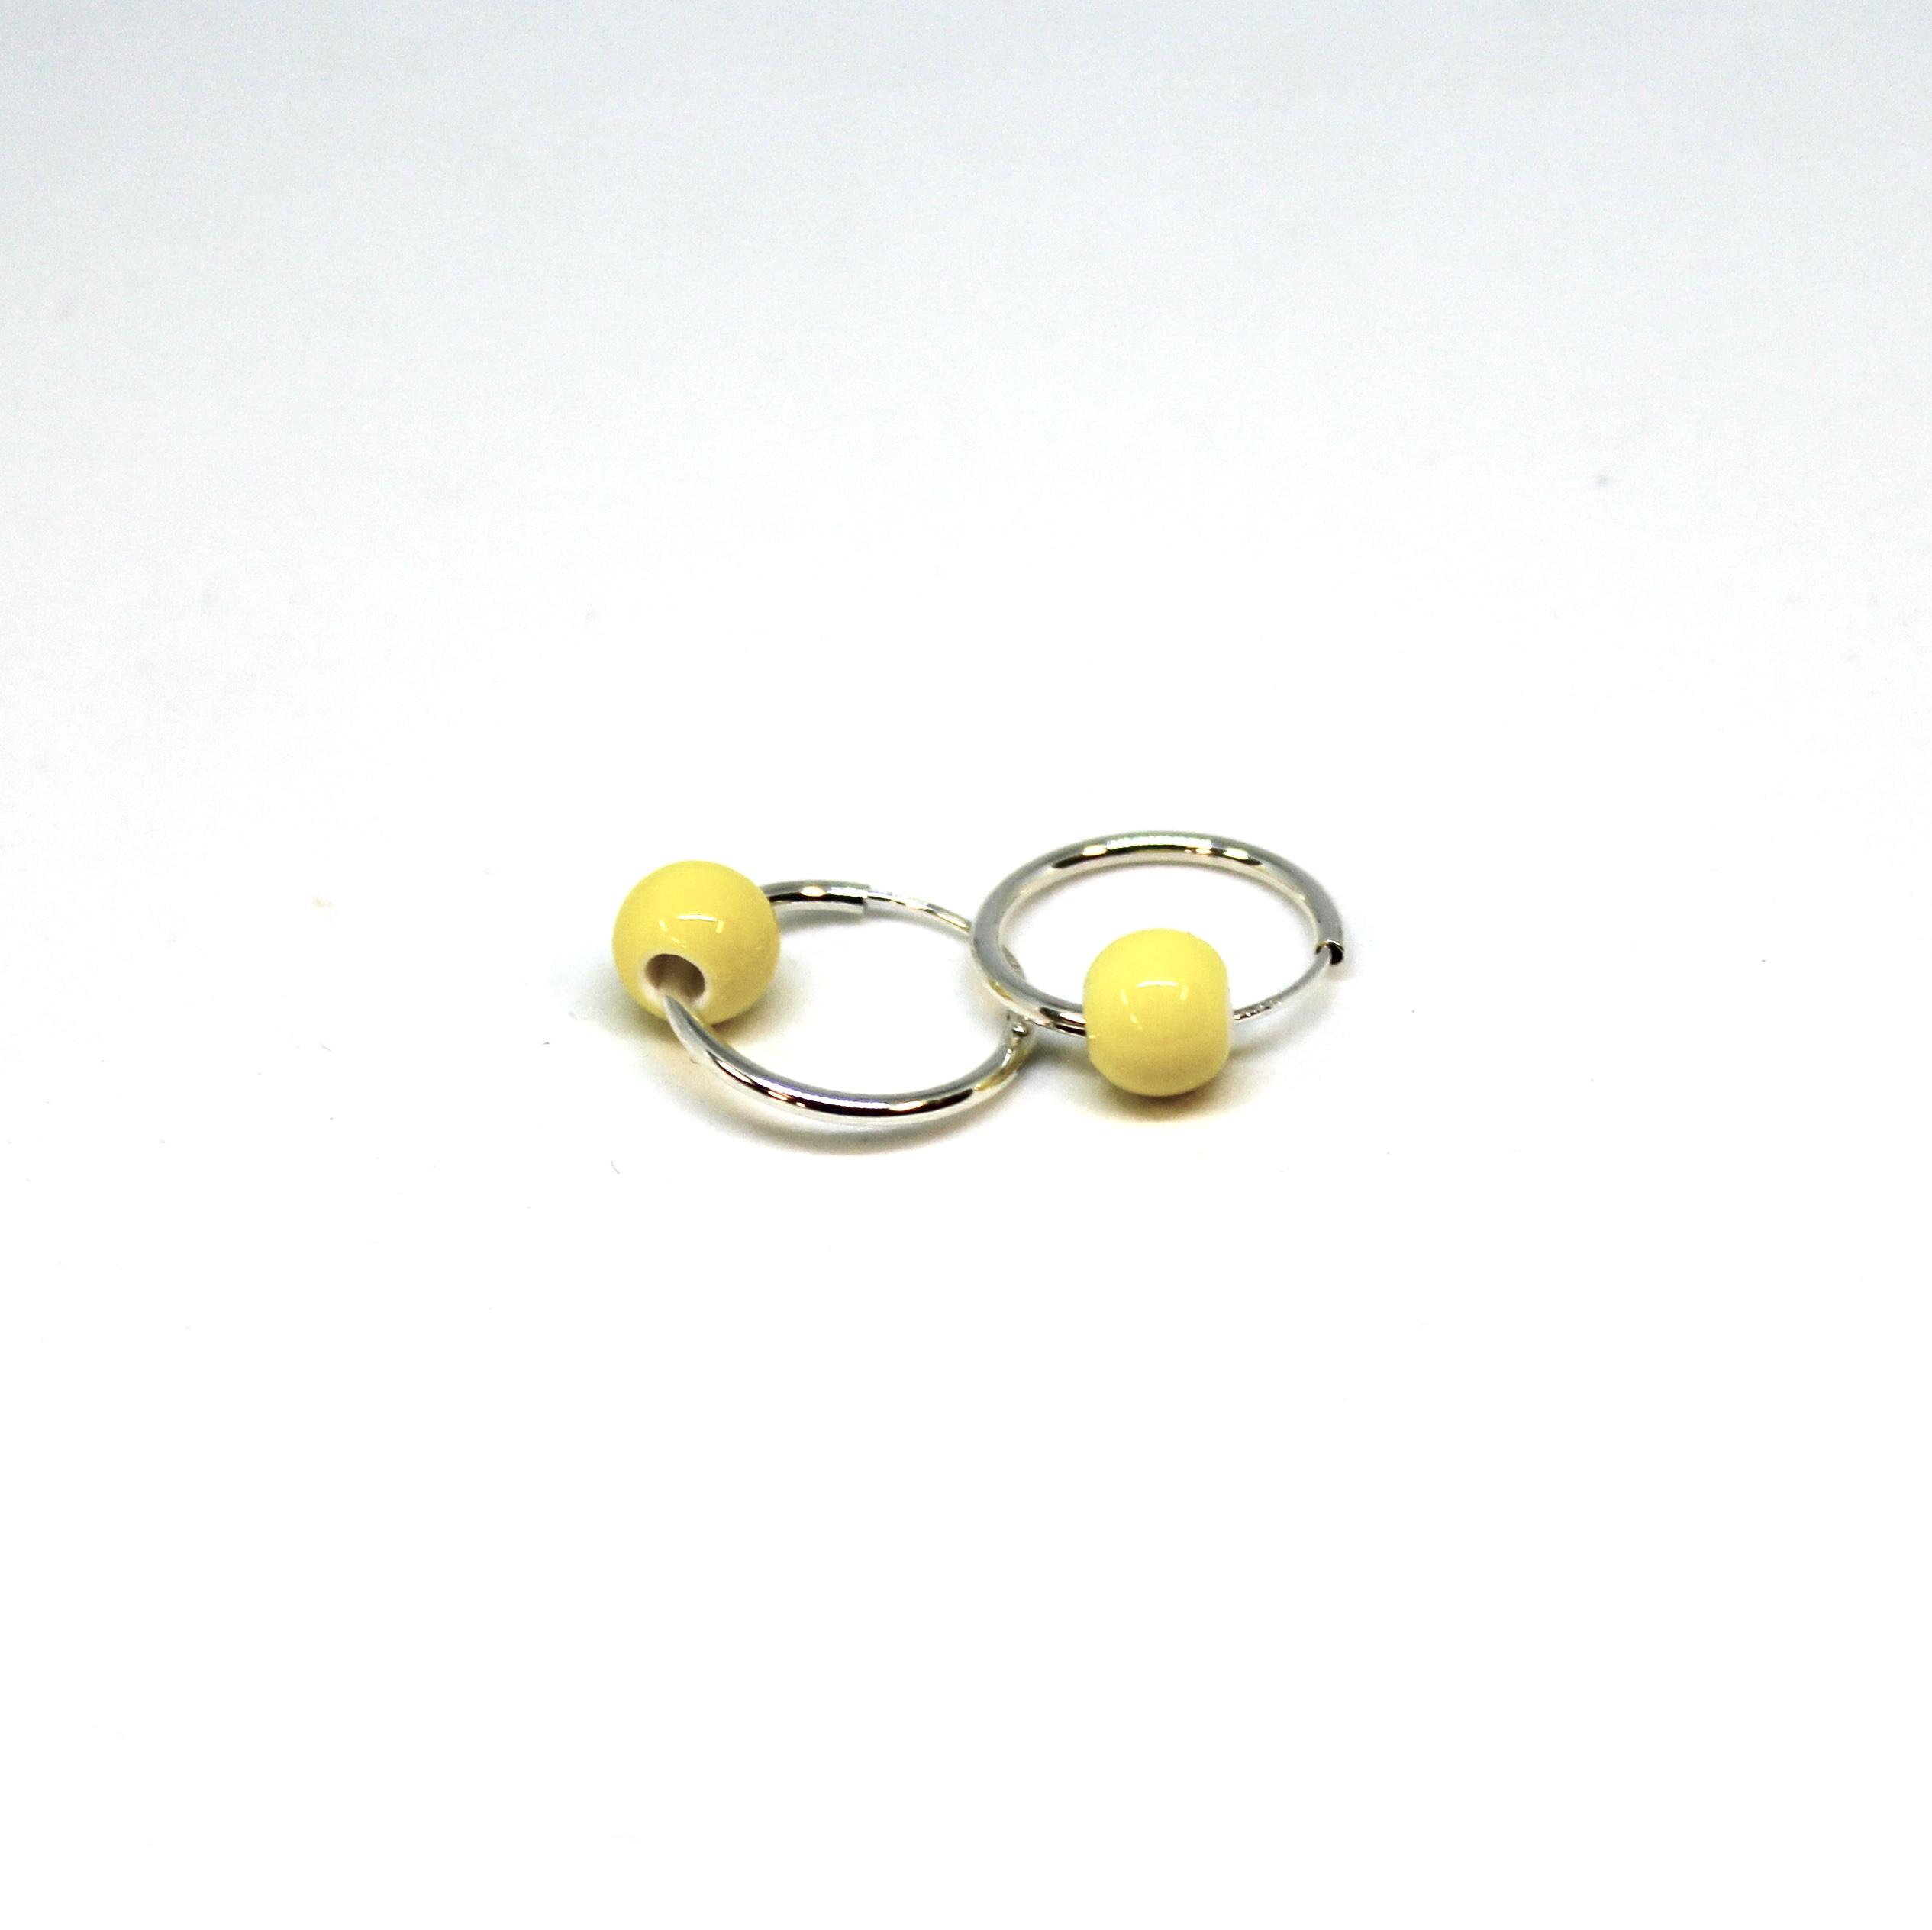 PO. 12 i gul + sølv